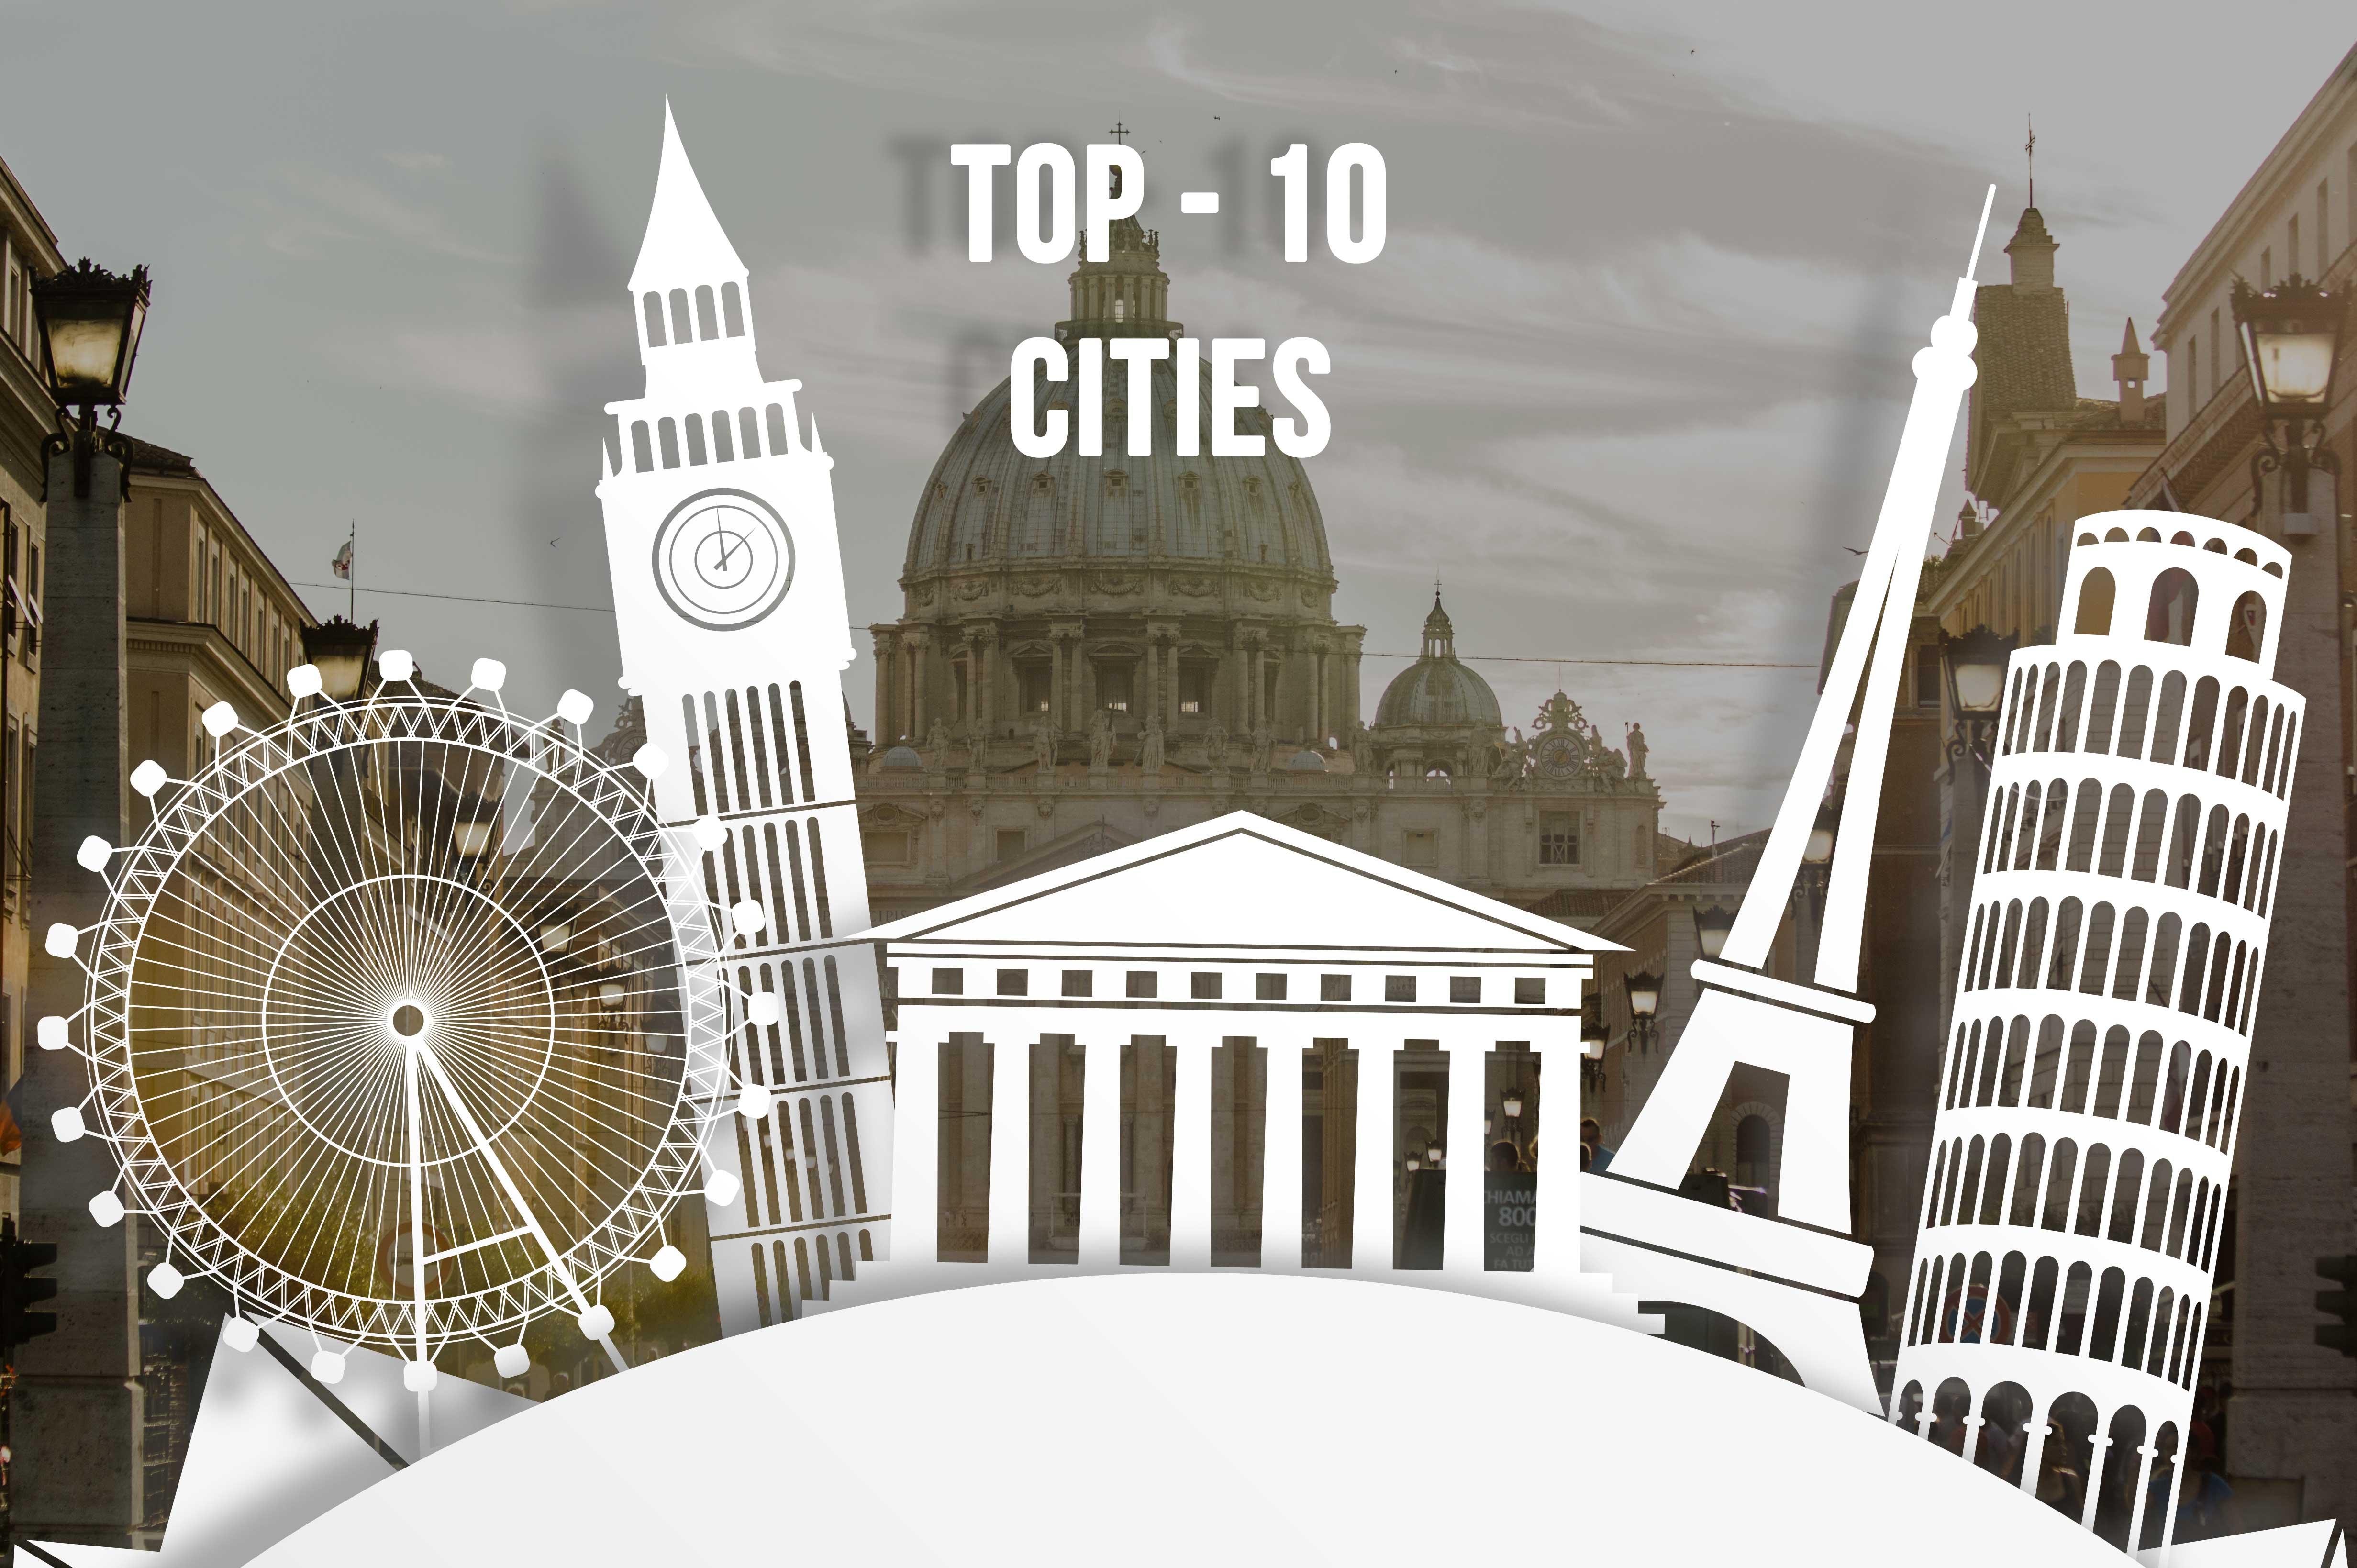 Соло-путешествие: Рейтинг самых безопасных стран мира